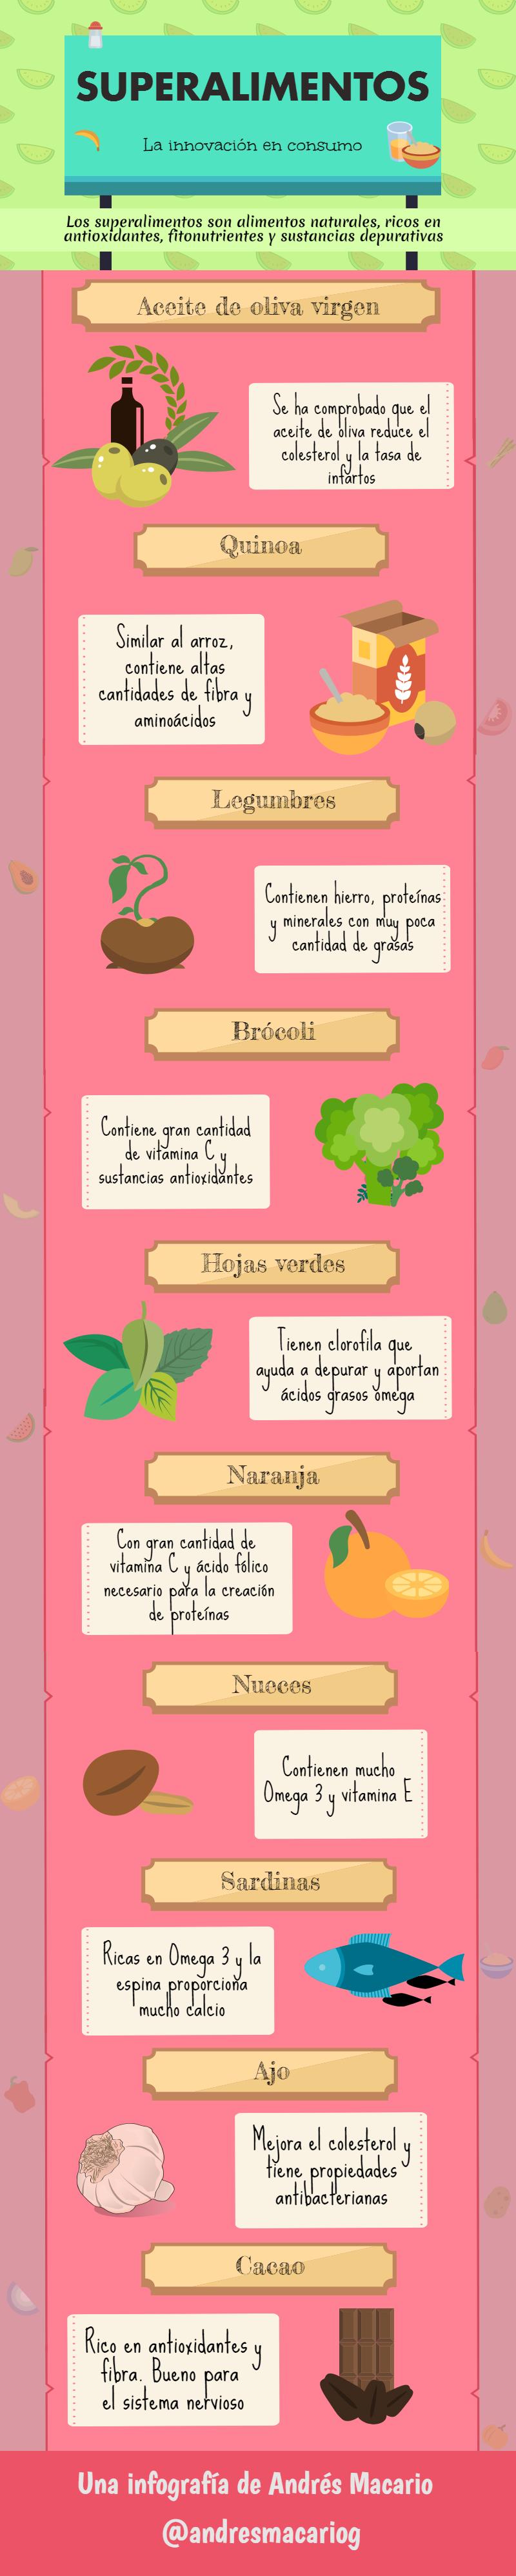 Superalimentos - infografía Andrés Macario